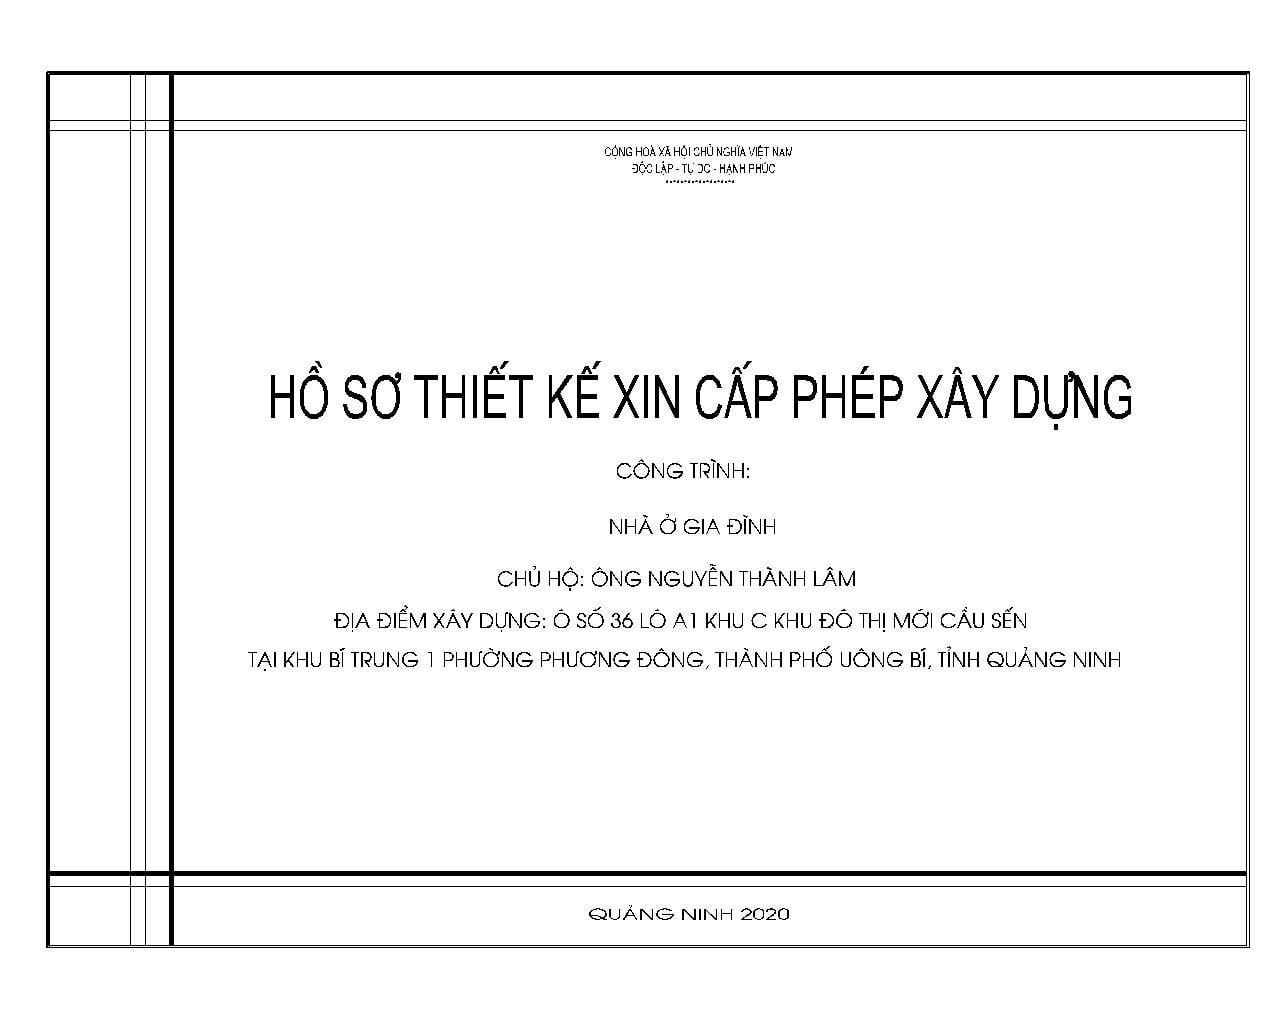 Bìa hồ sơ thiêt kế